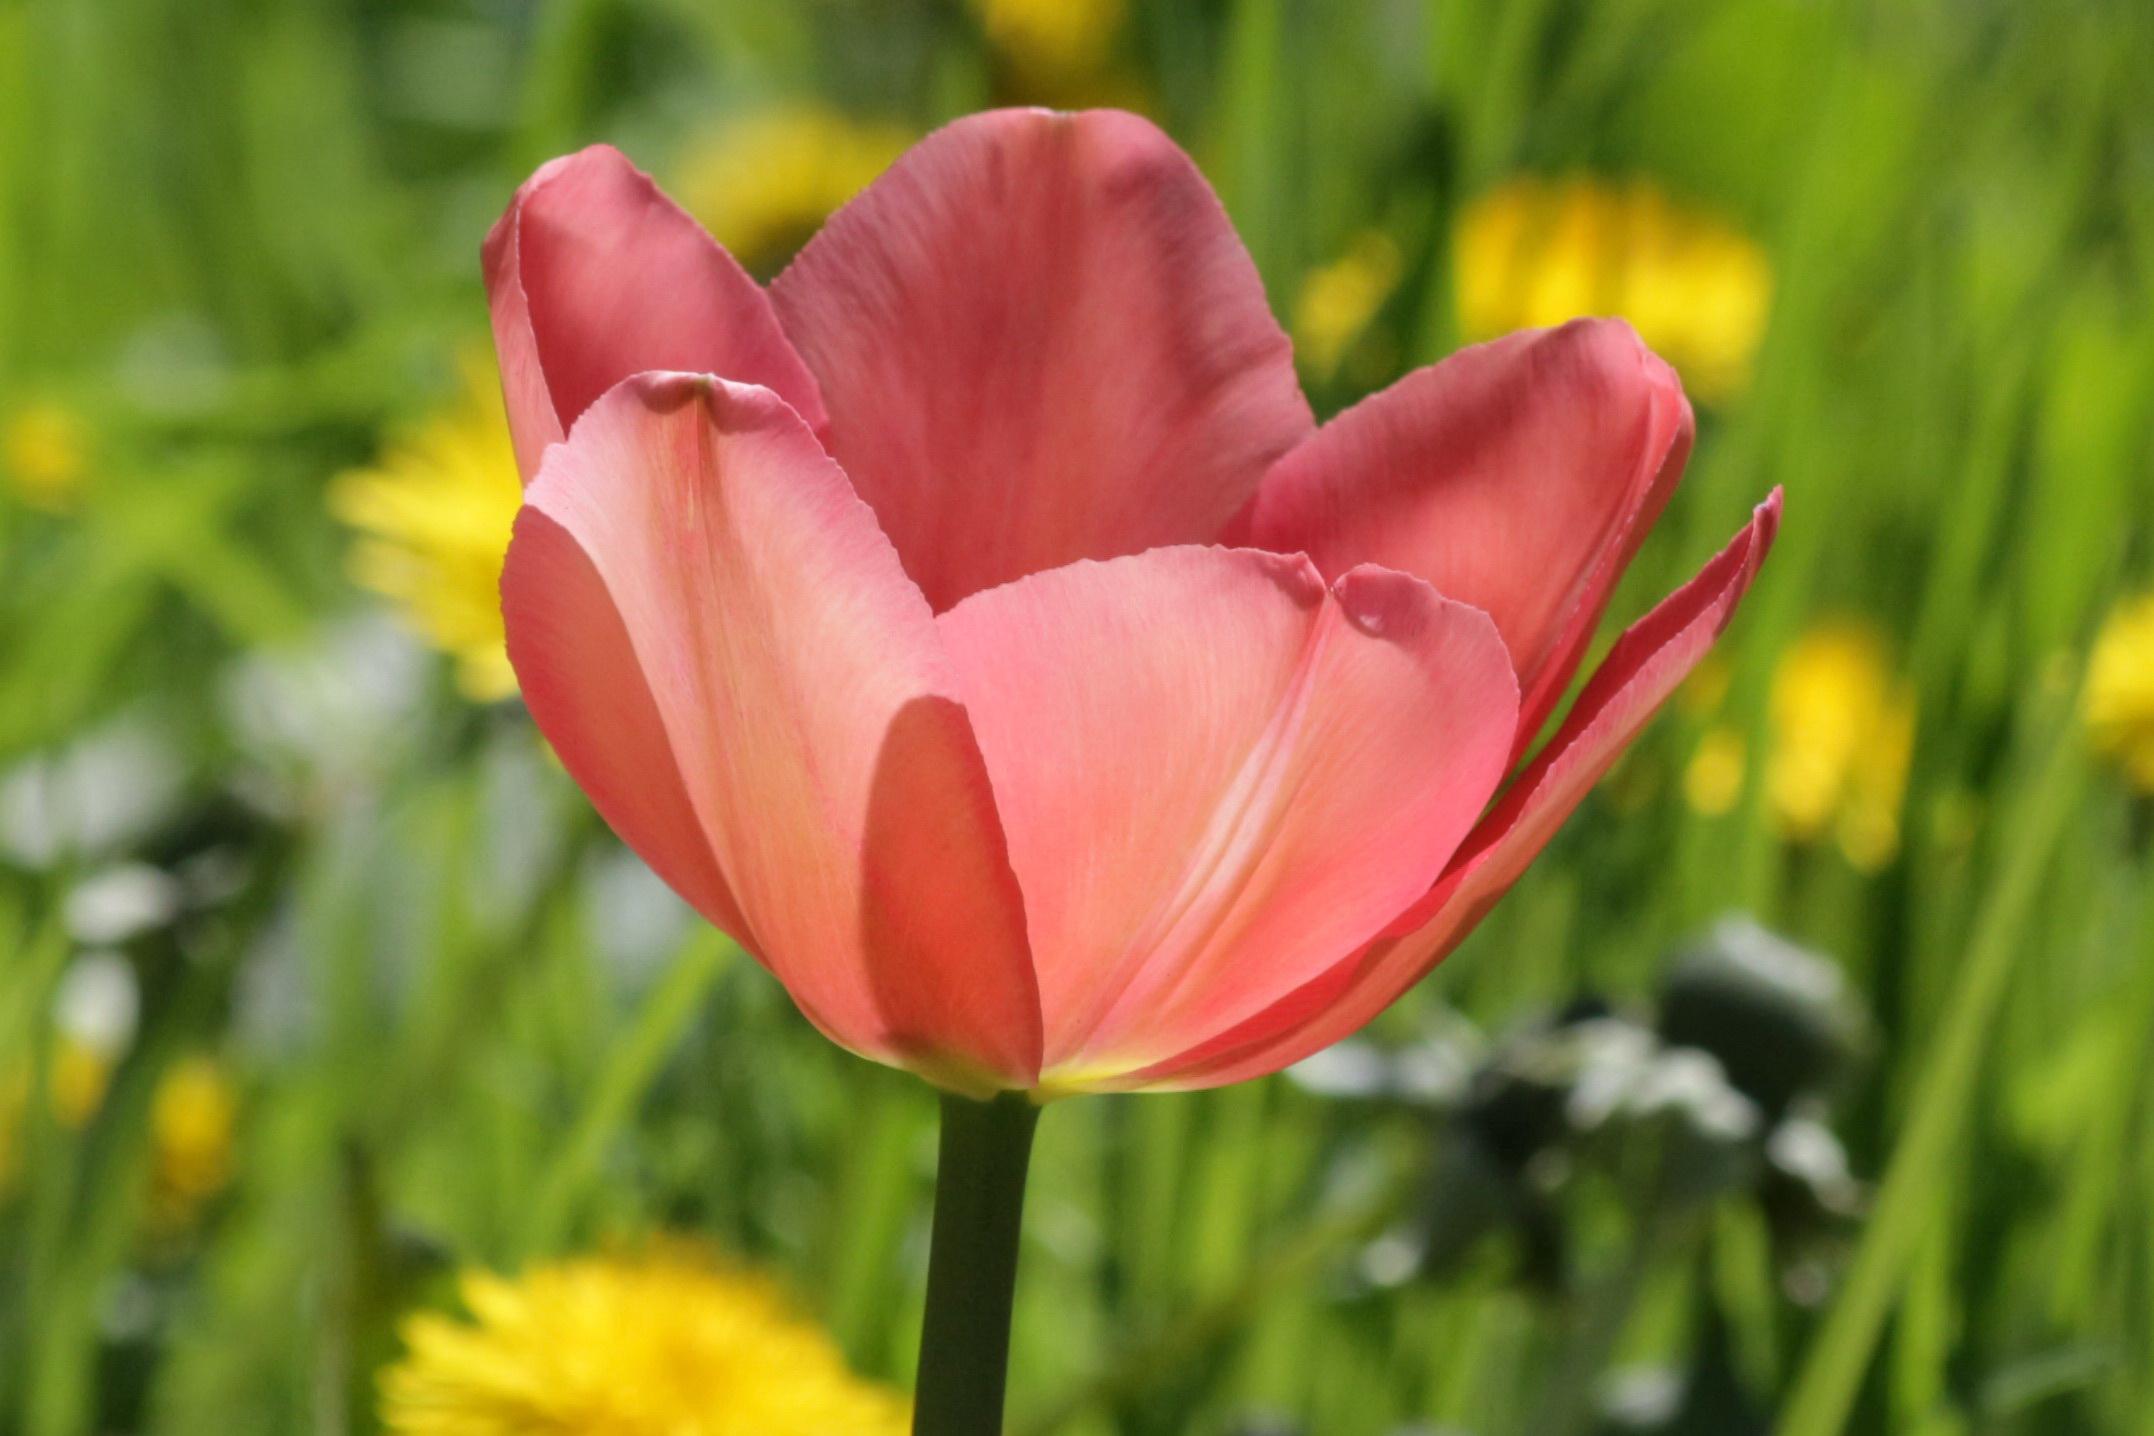 Flori-lalea07